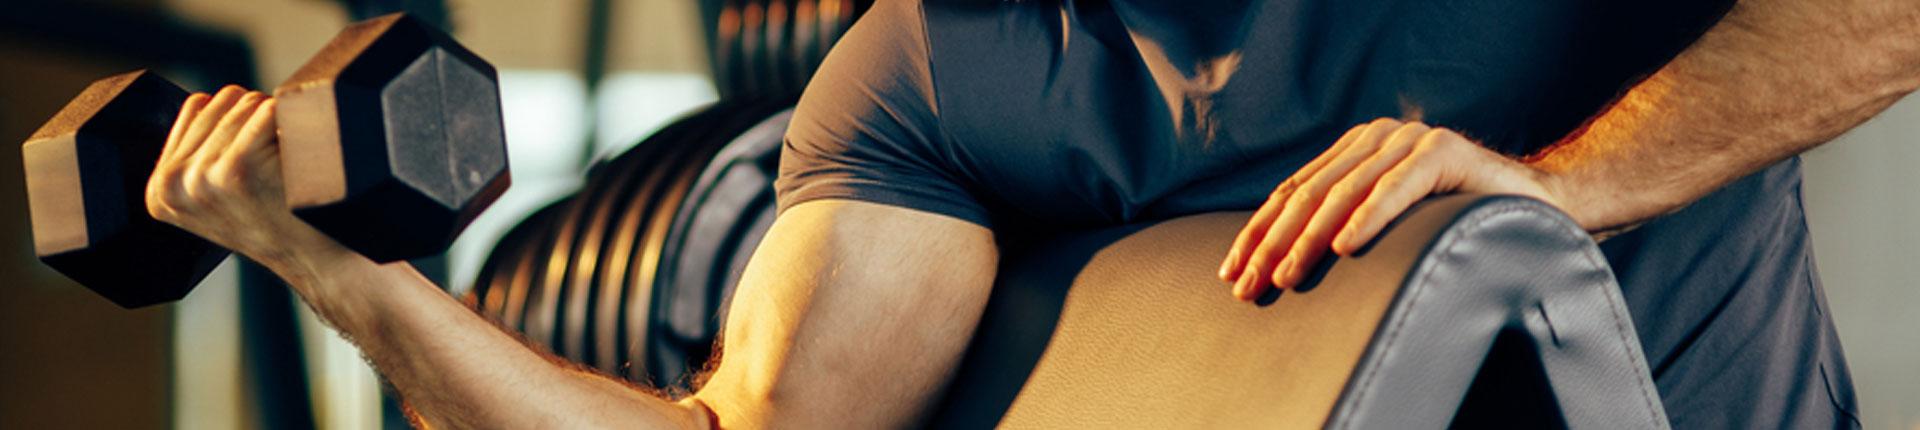 Zestaw dyskotekowy i inne błędy trenujących na siłowni